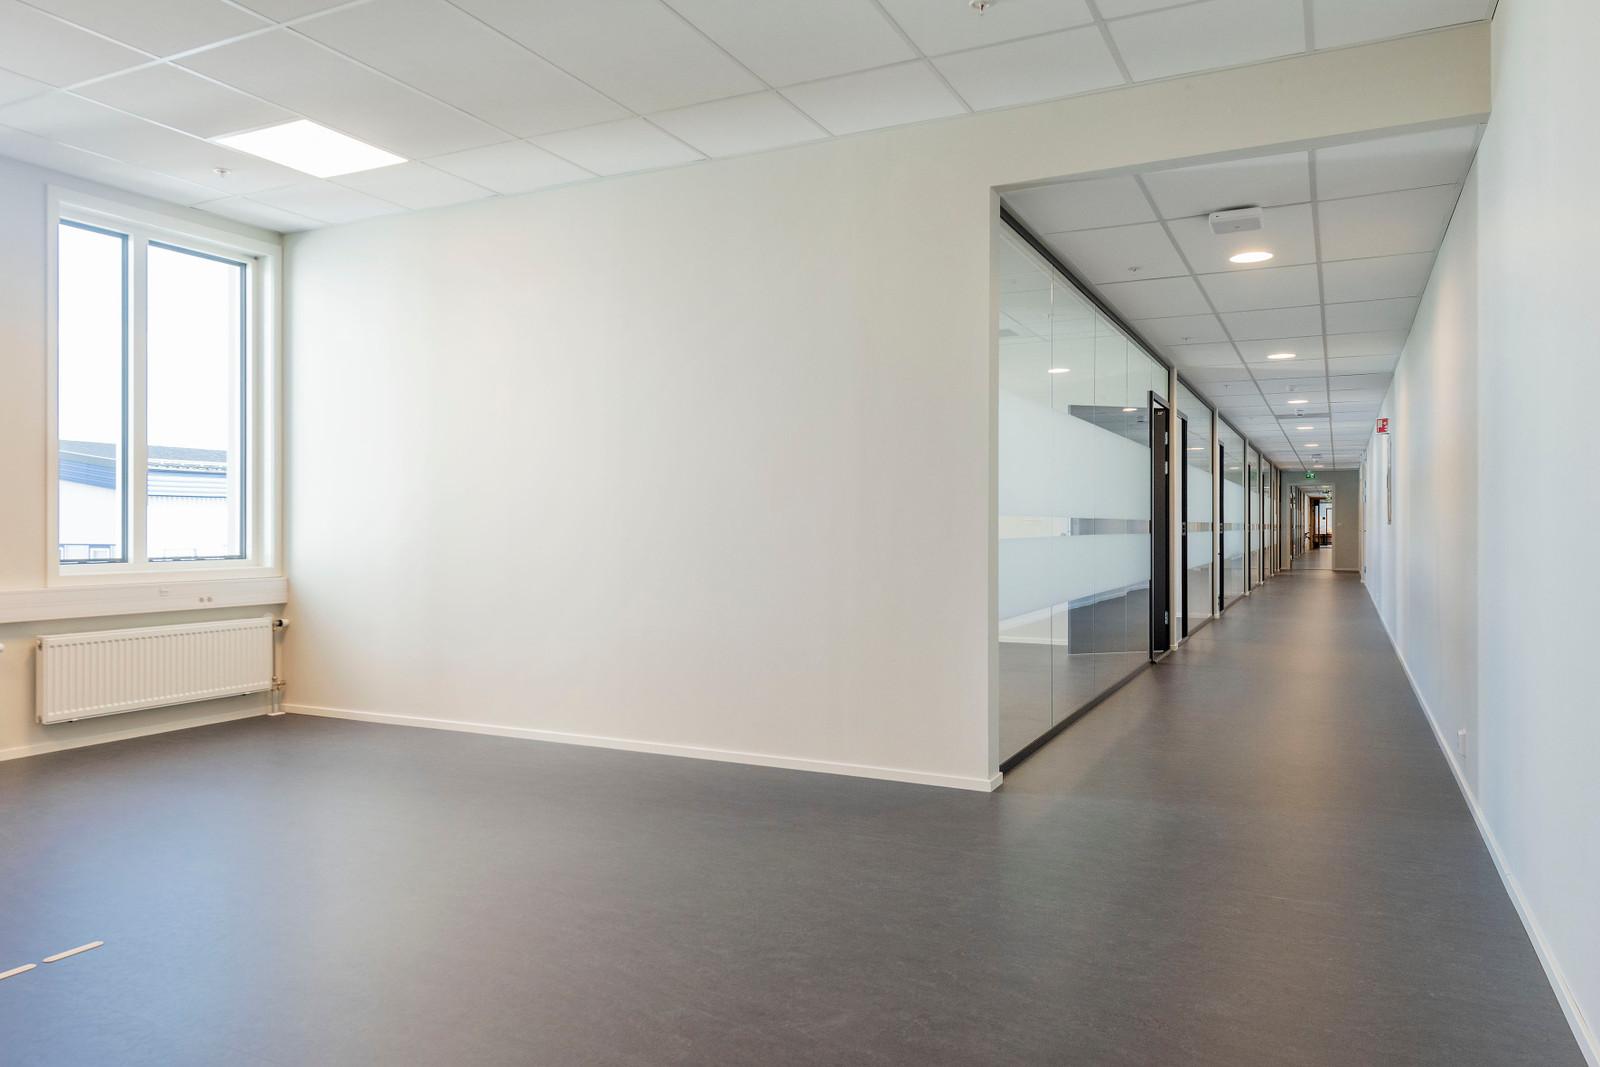 Resepsjon/mottaksområde og gangarealer til kontorer